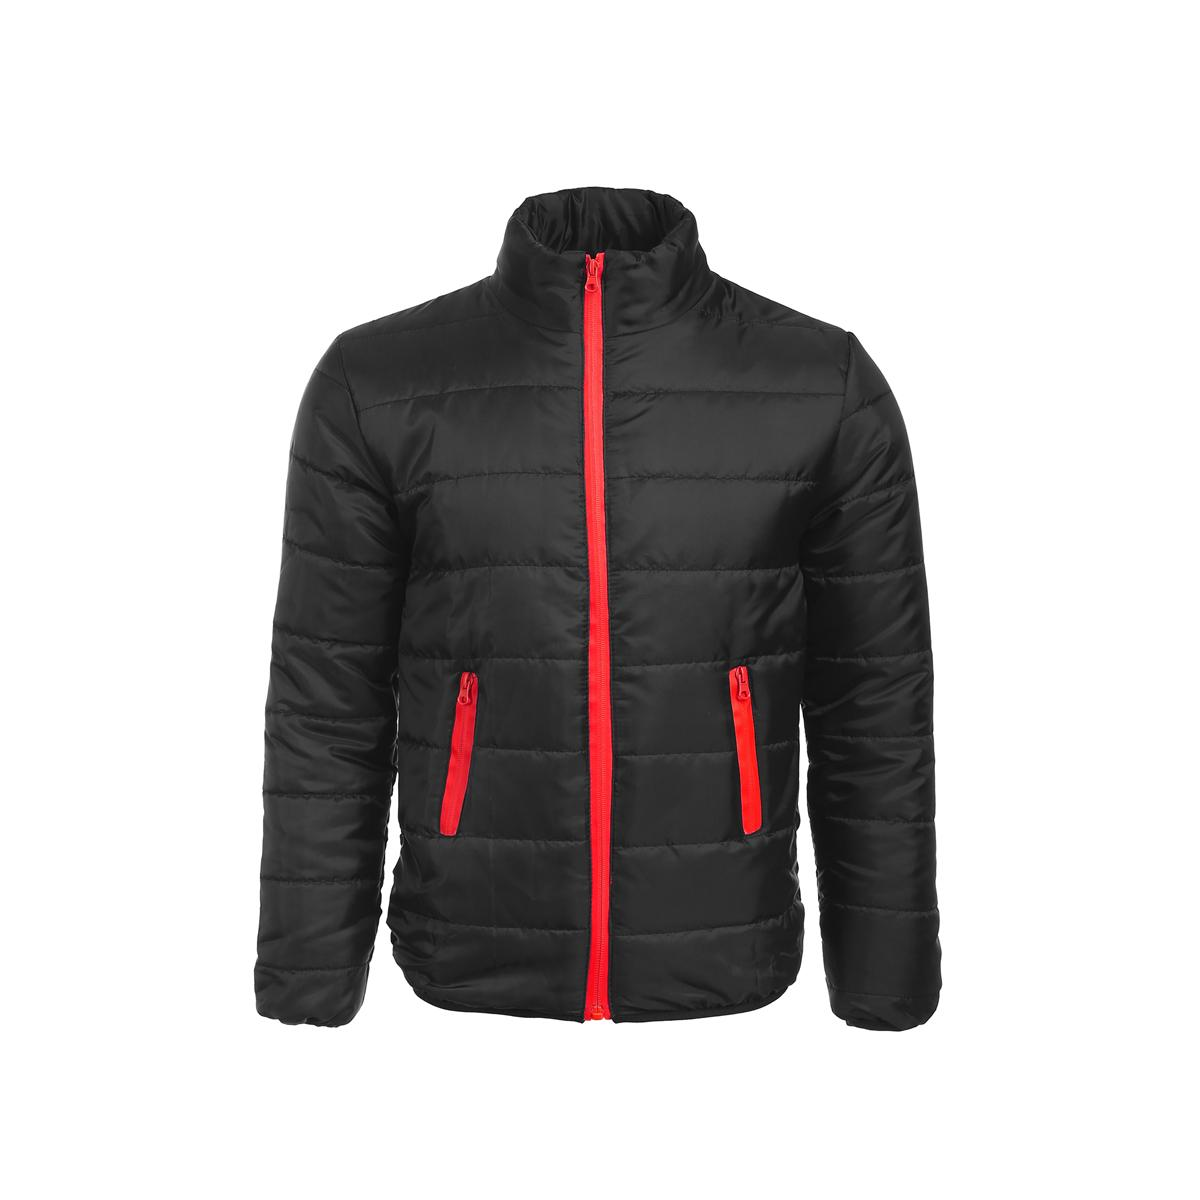 Хиригин зима мужская теплая сверхлегкая фугу вниз парка высокая шея пальто куртка 2019 мода зима теплая мужчины пуховики